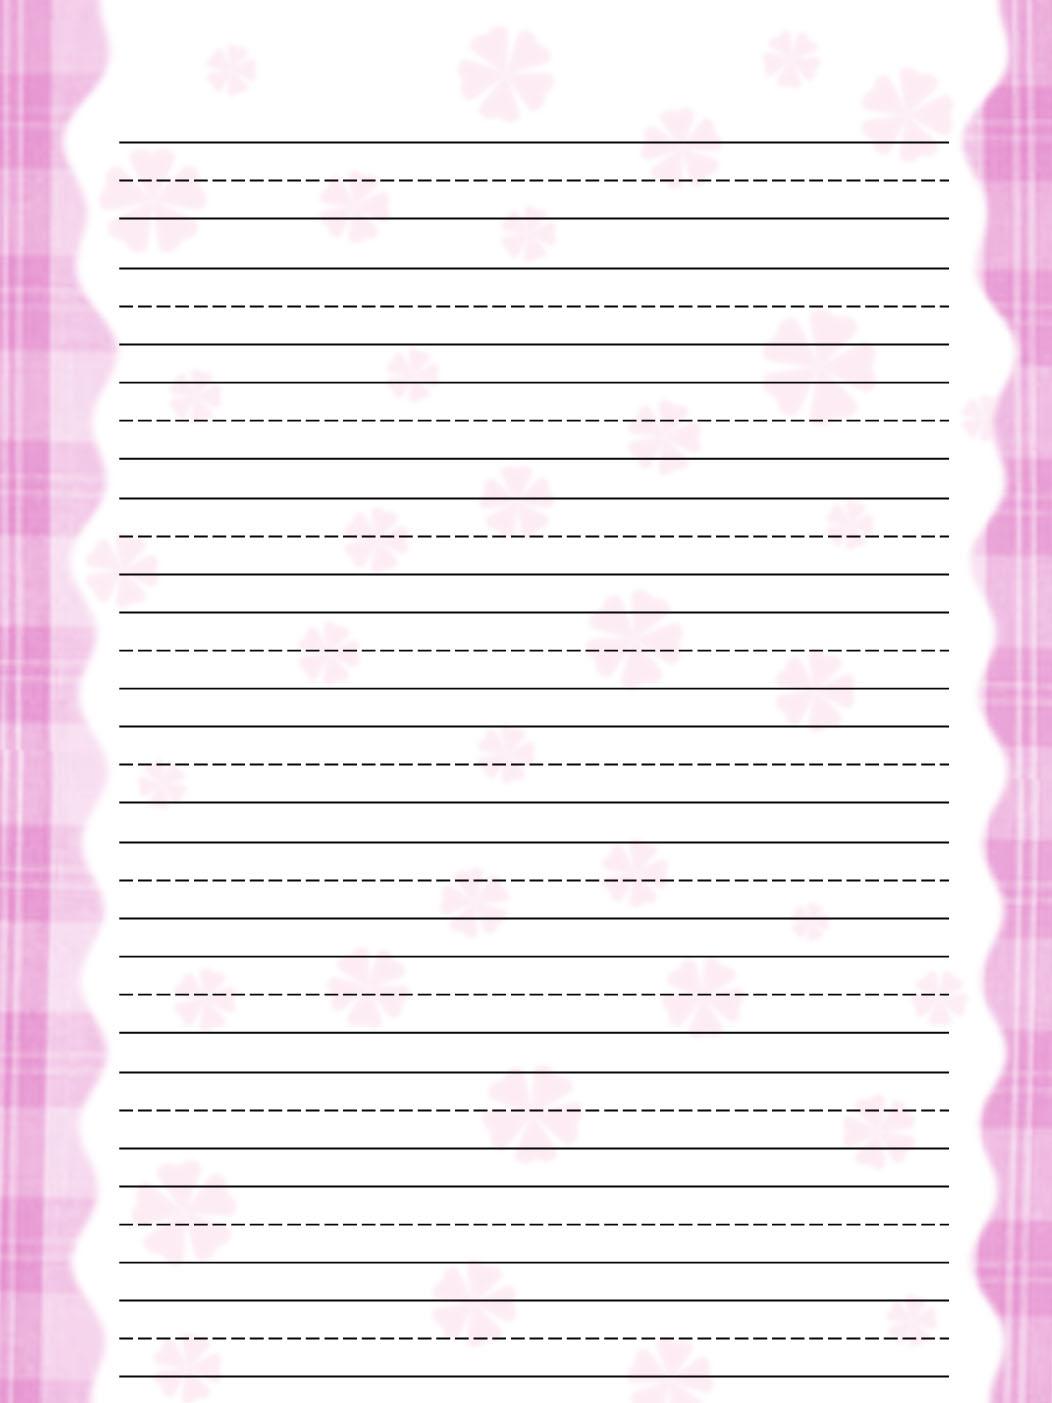 Blank Practice Writing Paper For Kindergarten - 5 best ... - photo#26